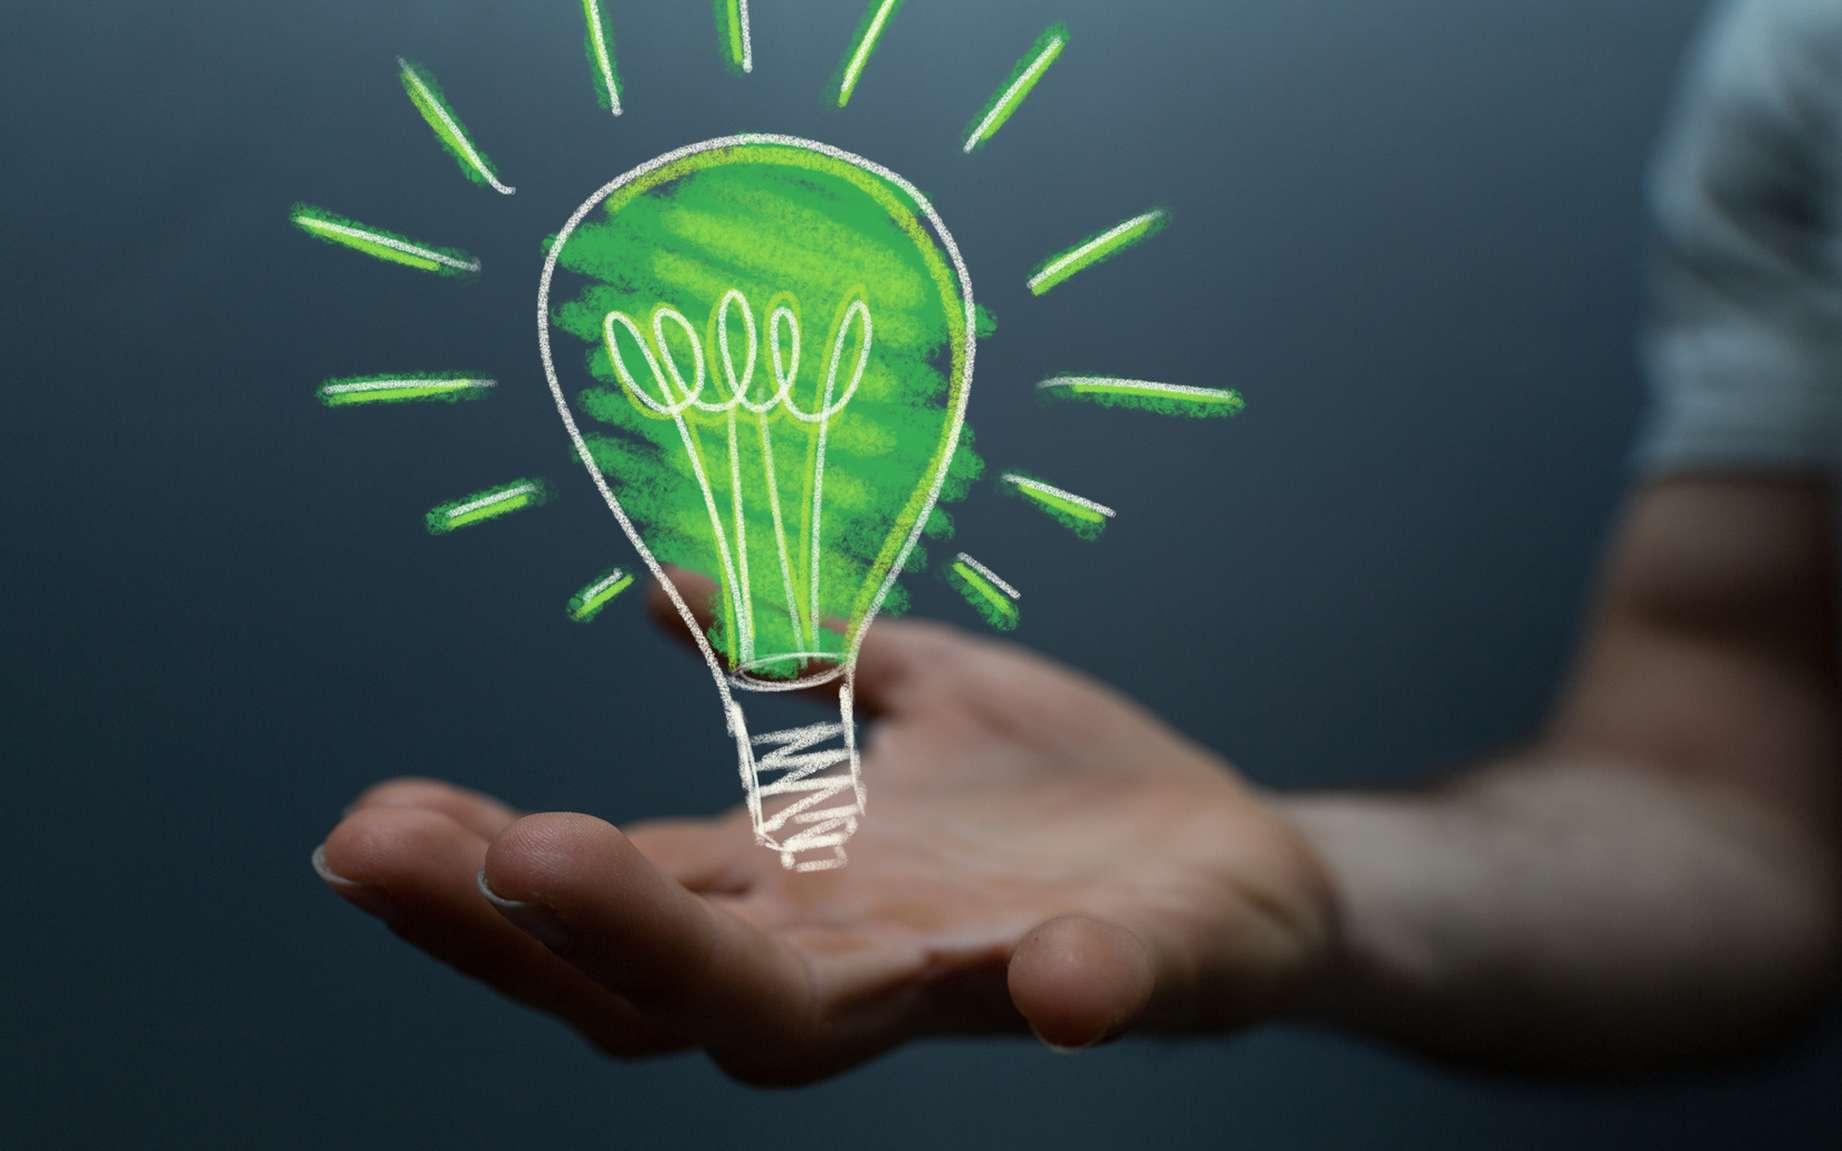 Des innovations récompensées parce qu'elles améliorent la vie. © vege, Fotolia